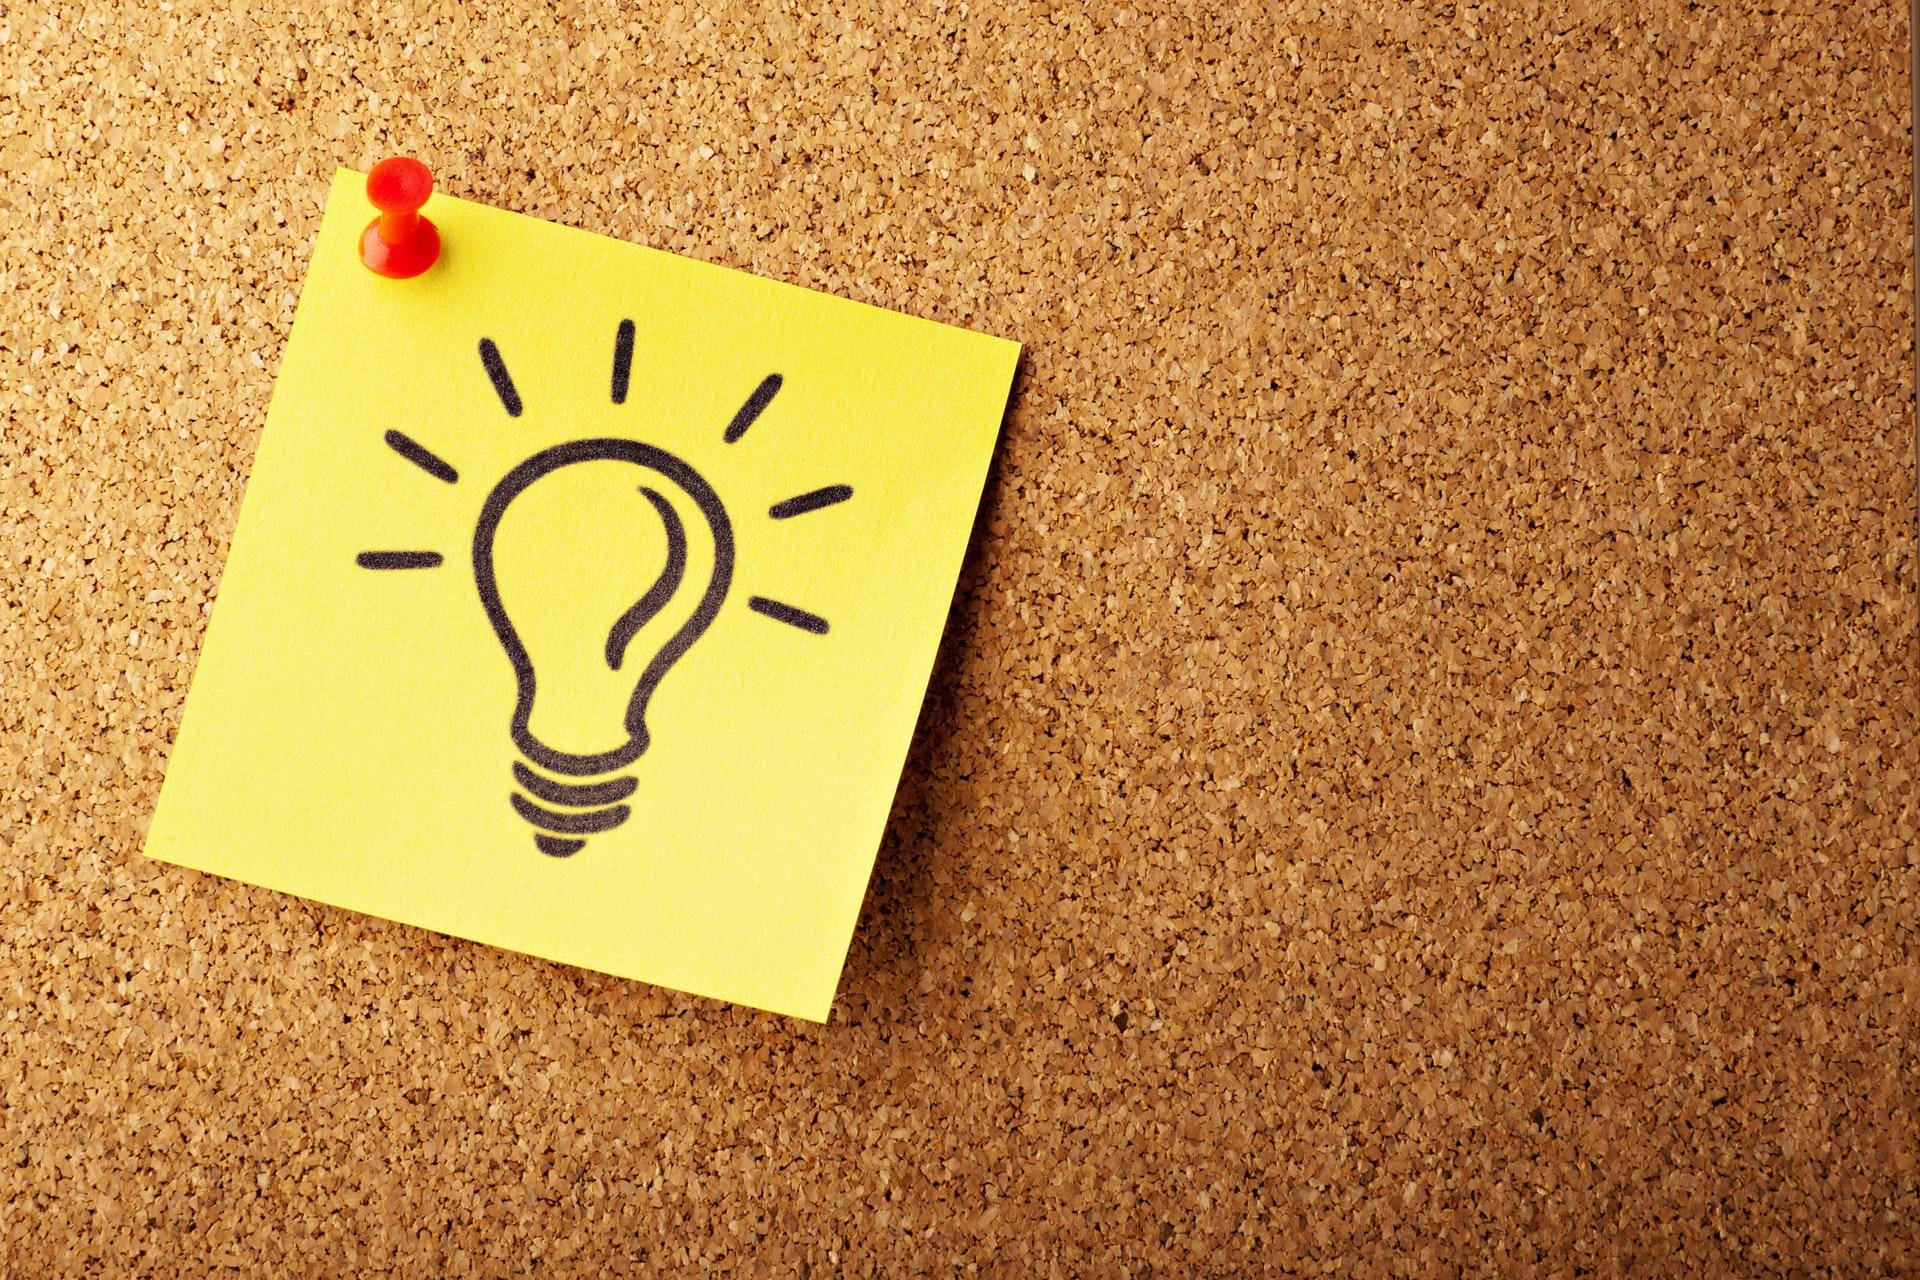 6-directions-learning-development-et-leurs-priorités-face-à-la-crise